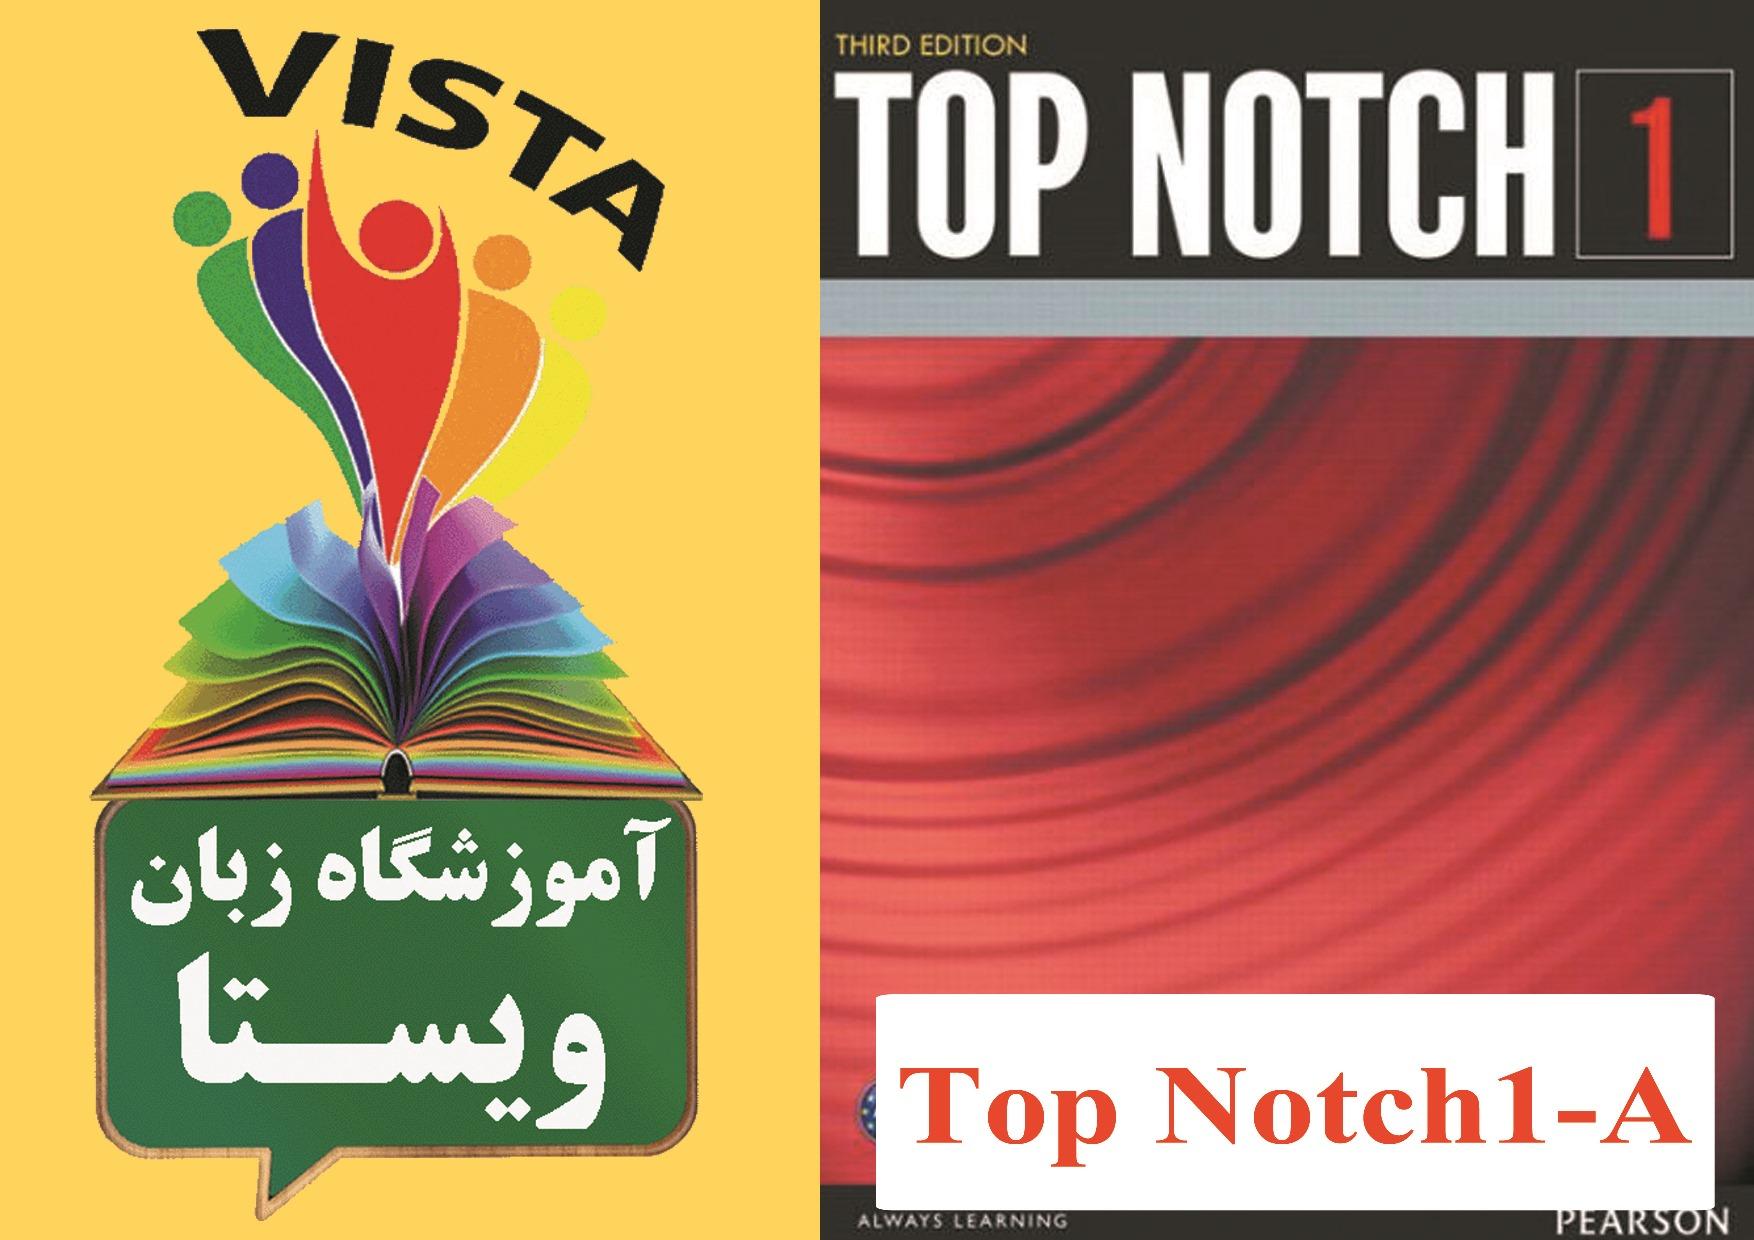 دوره Top Notch1A آموزشگاه زبان ویستا(خانم لطفی زاده)